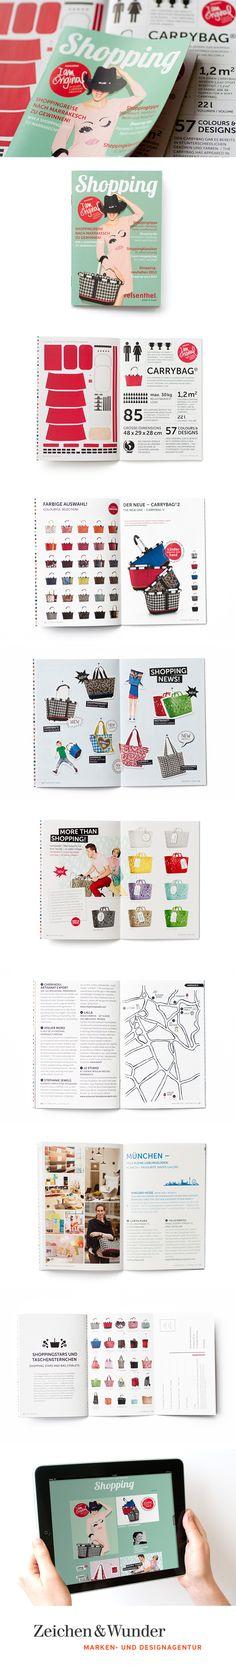 REISENTHEL / Shopping-Magazin / #Layout #Shopping #Konzeption / by Zeichen & Wunder, München